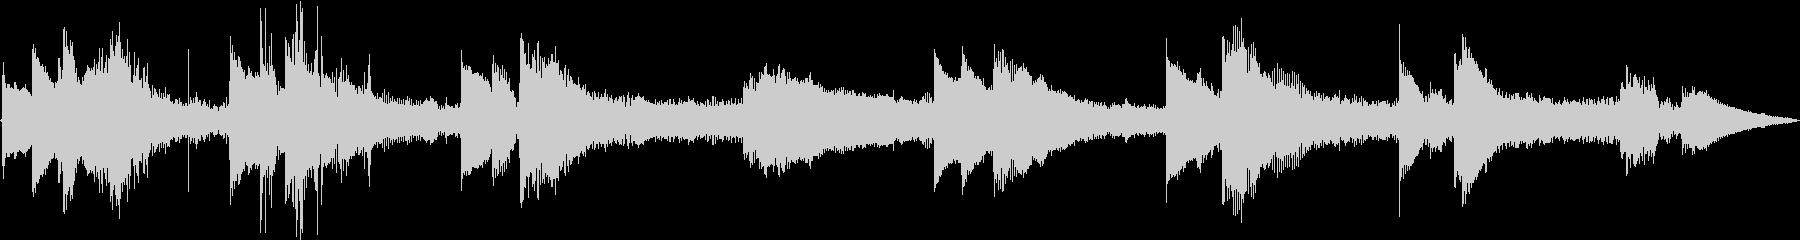 ラジオ制作シーン:マウンテントレイ...の未再生の波形